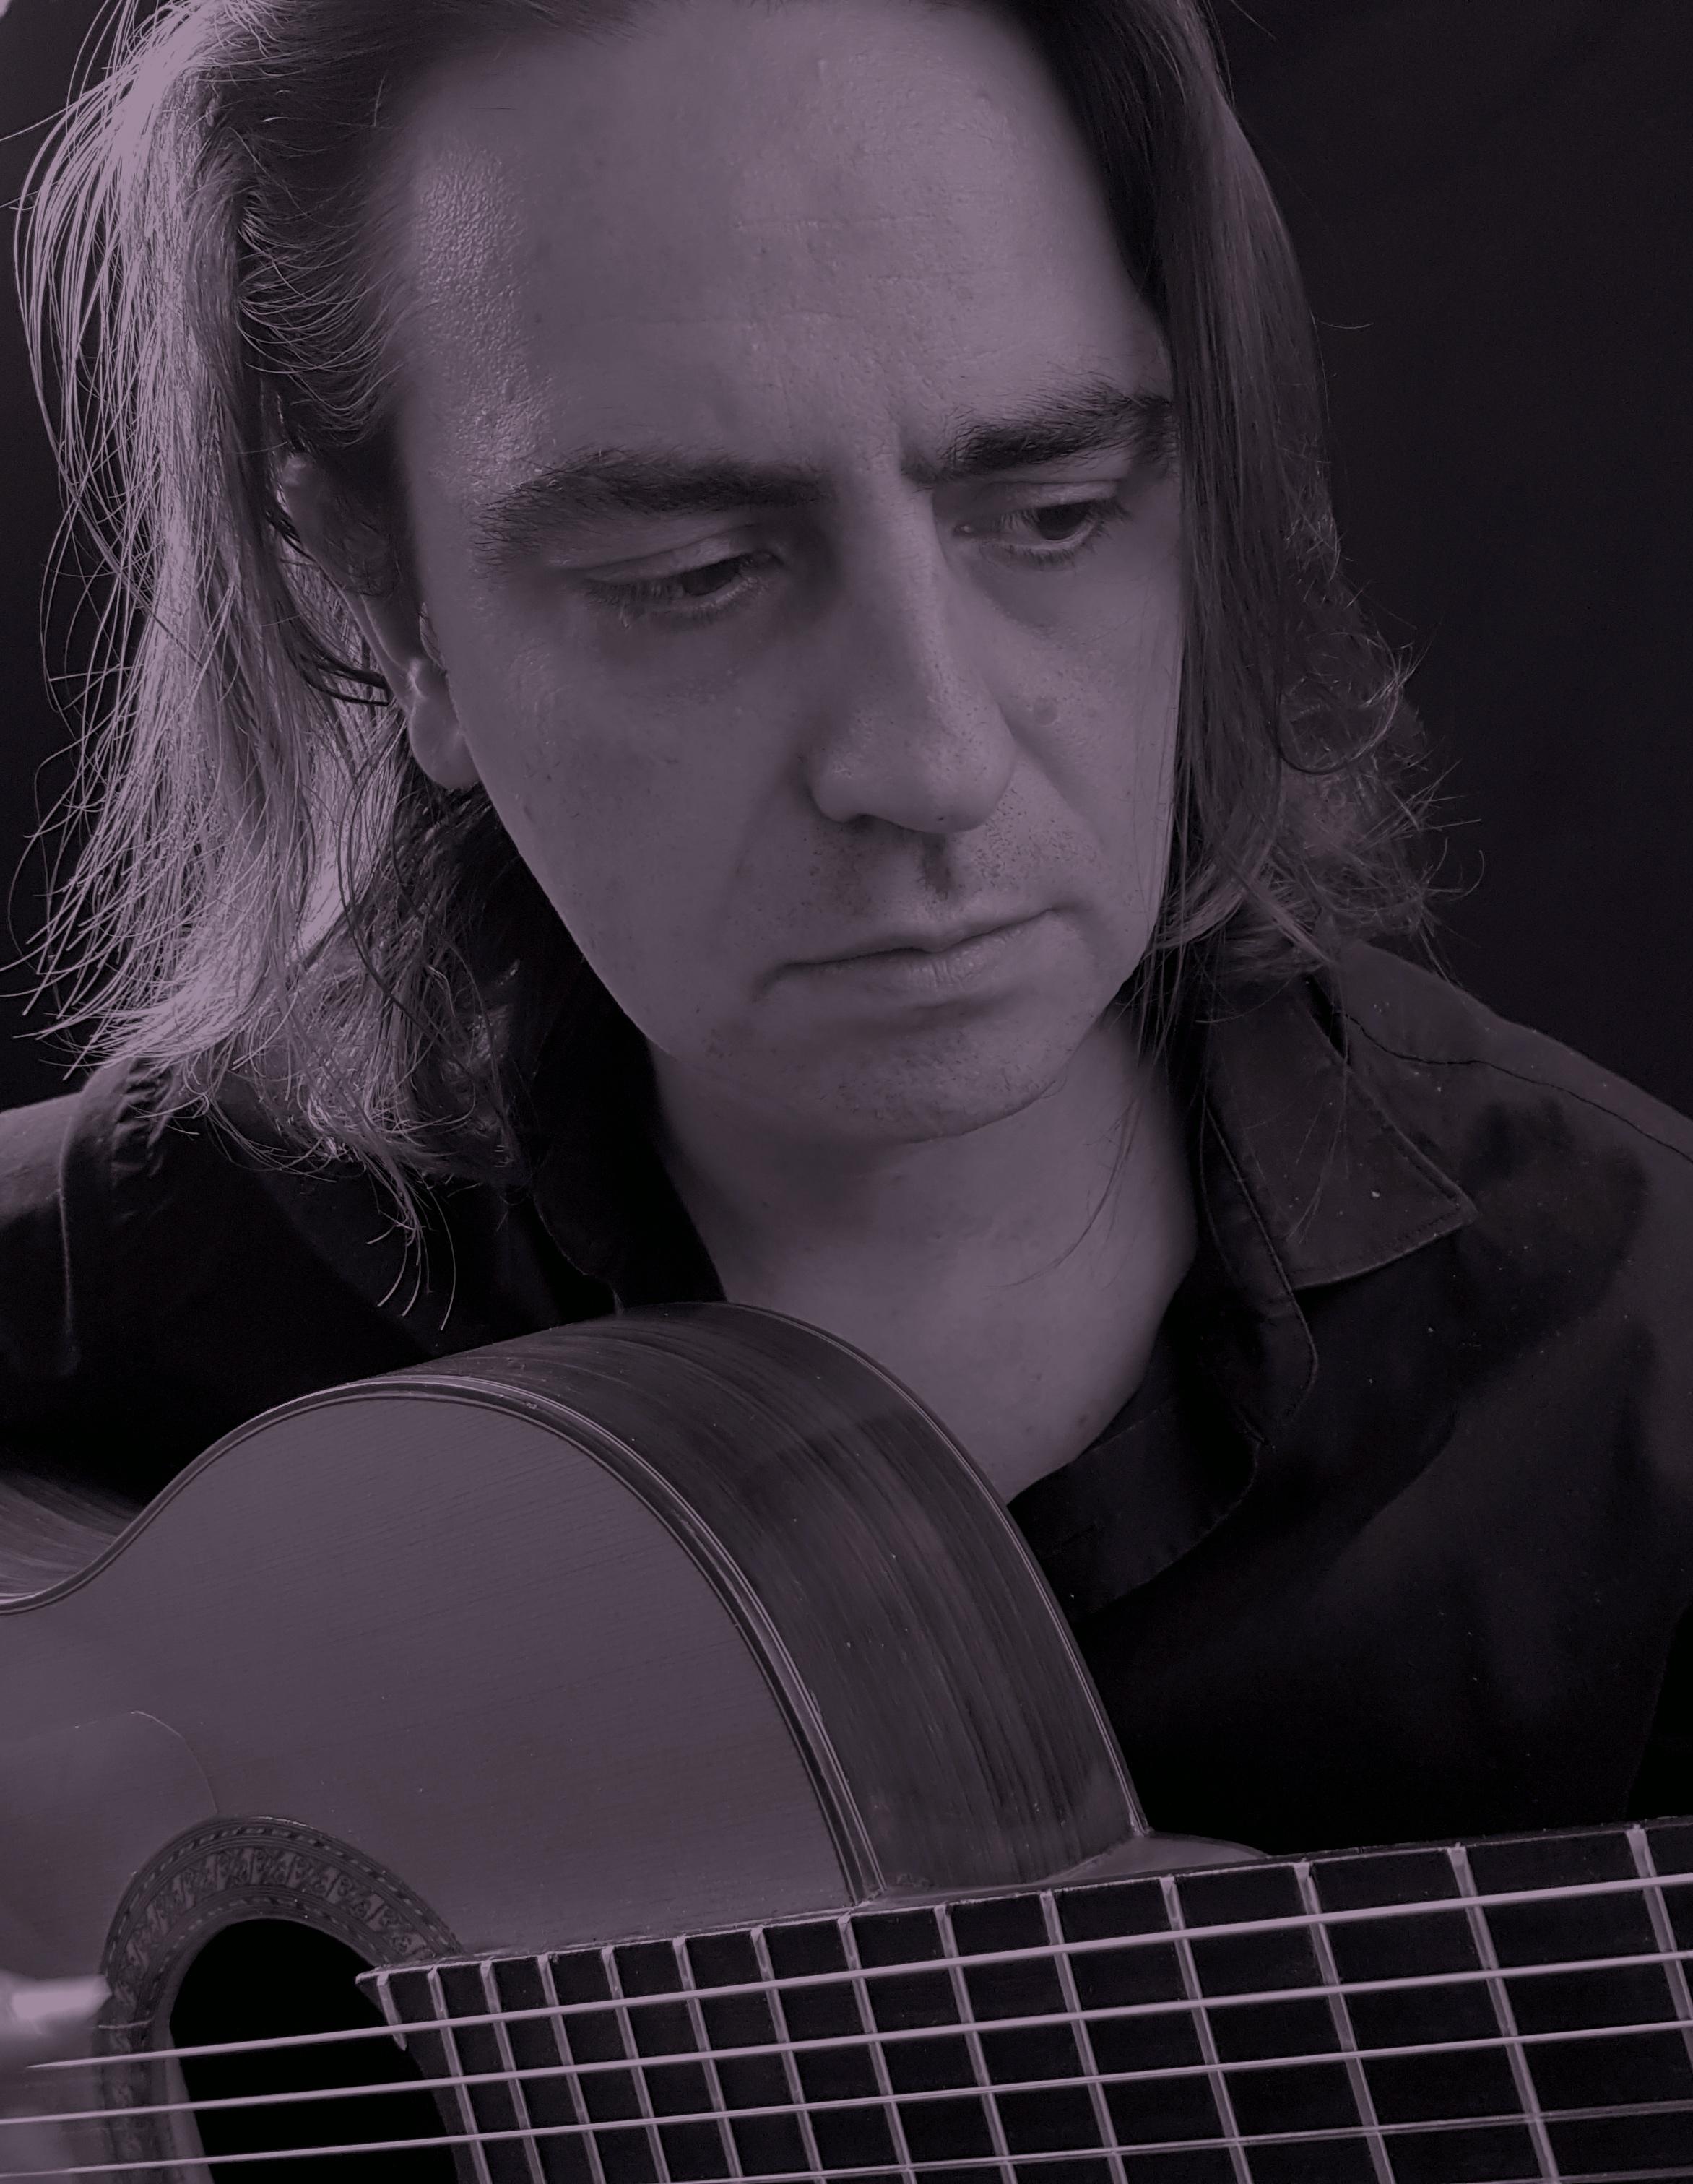 Antonio dovao